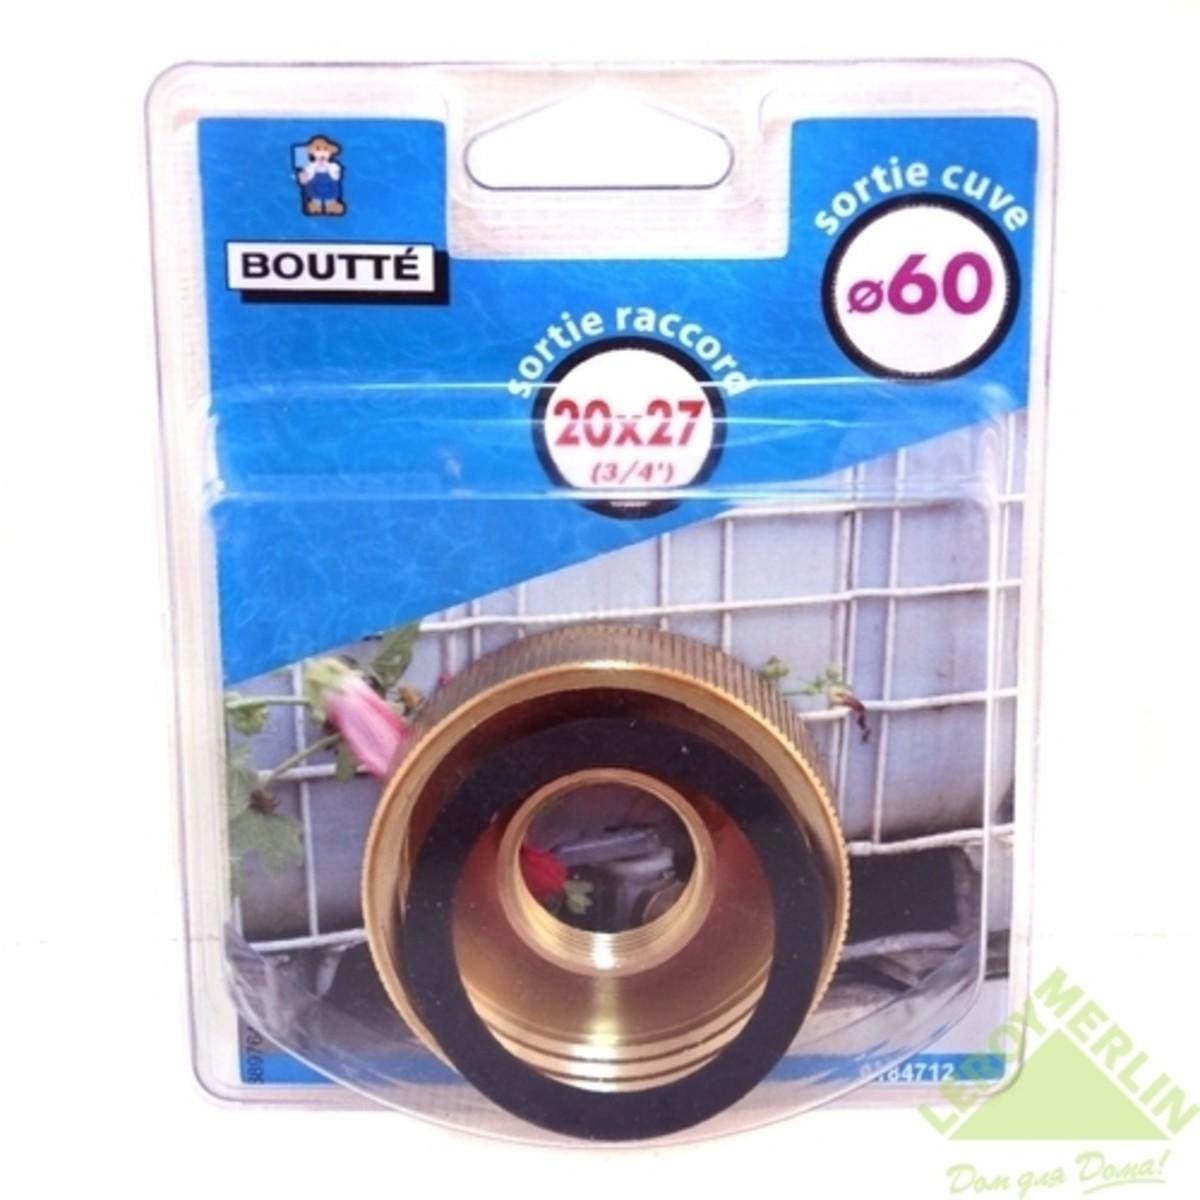 Гайка для подключения бочки диаметр 60 мм внутренняя резьба 3/4 дюйма